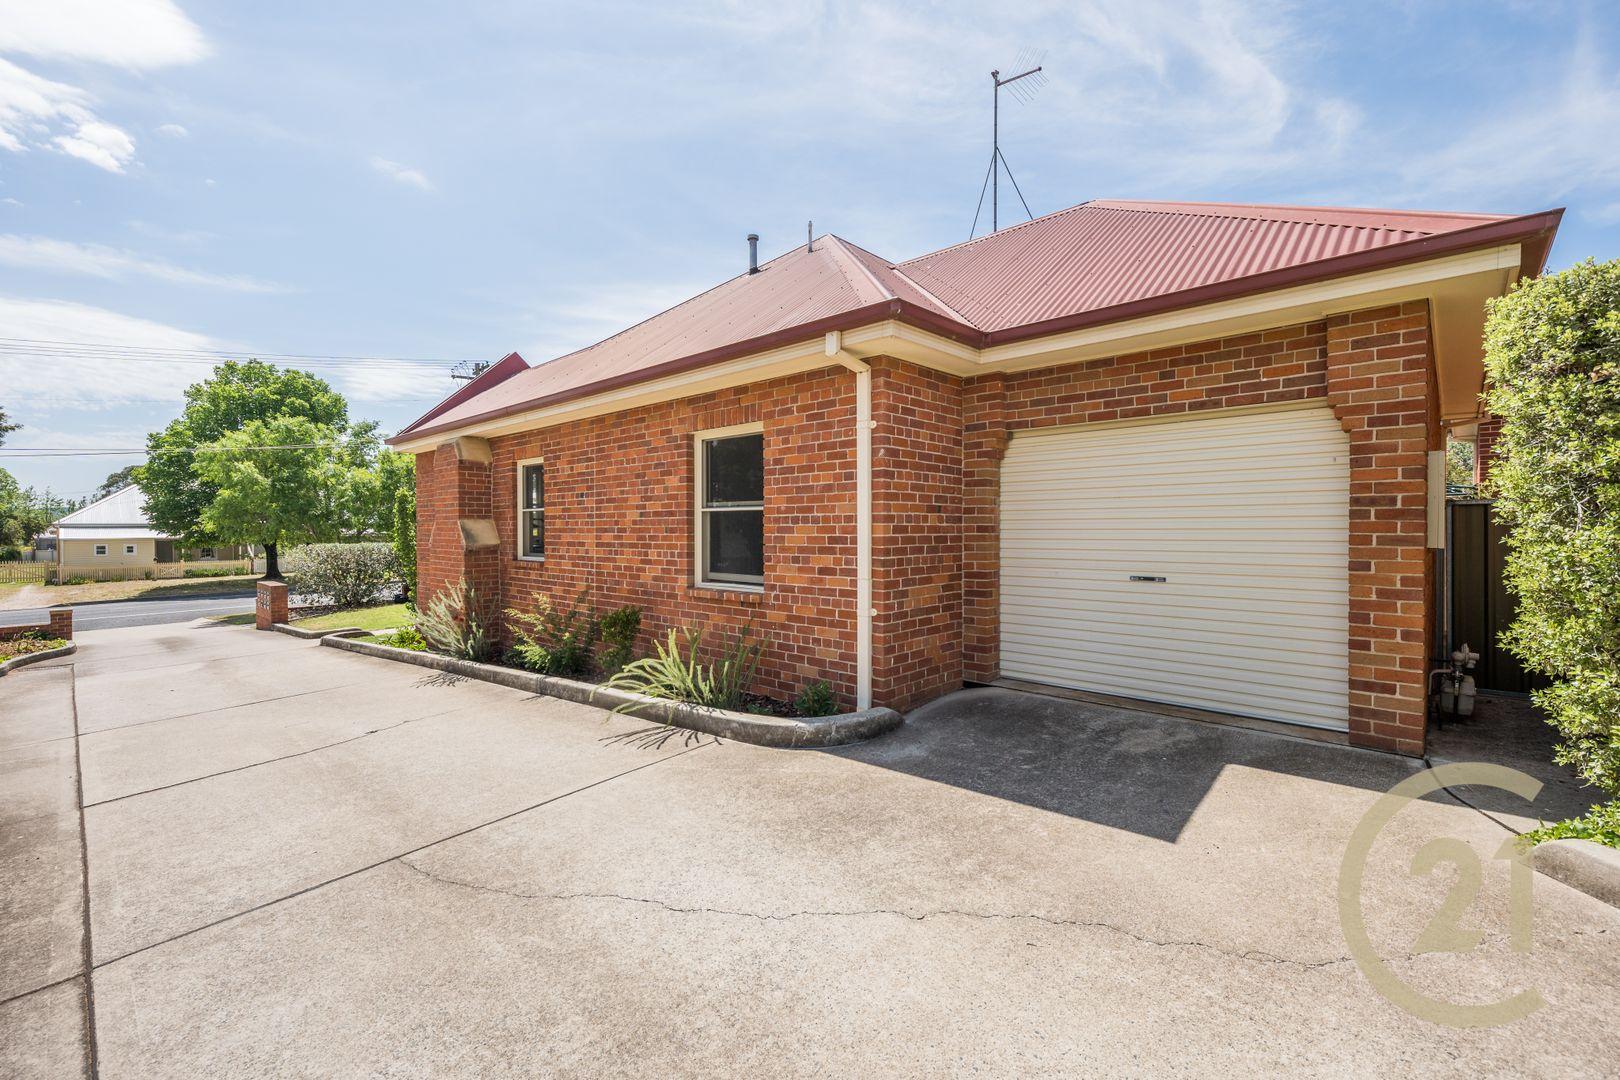 2/56 Morrisset Street, Bathurst NSW 2795, Image 2